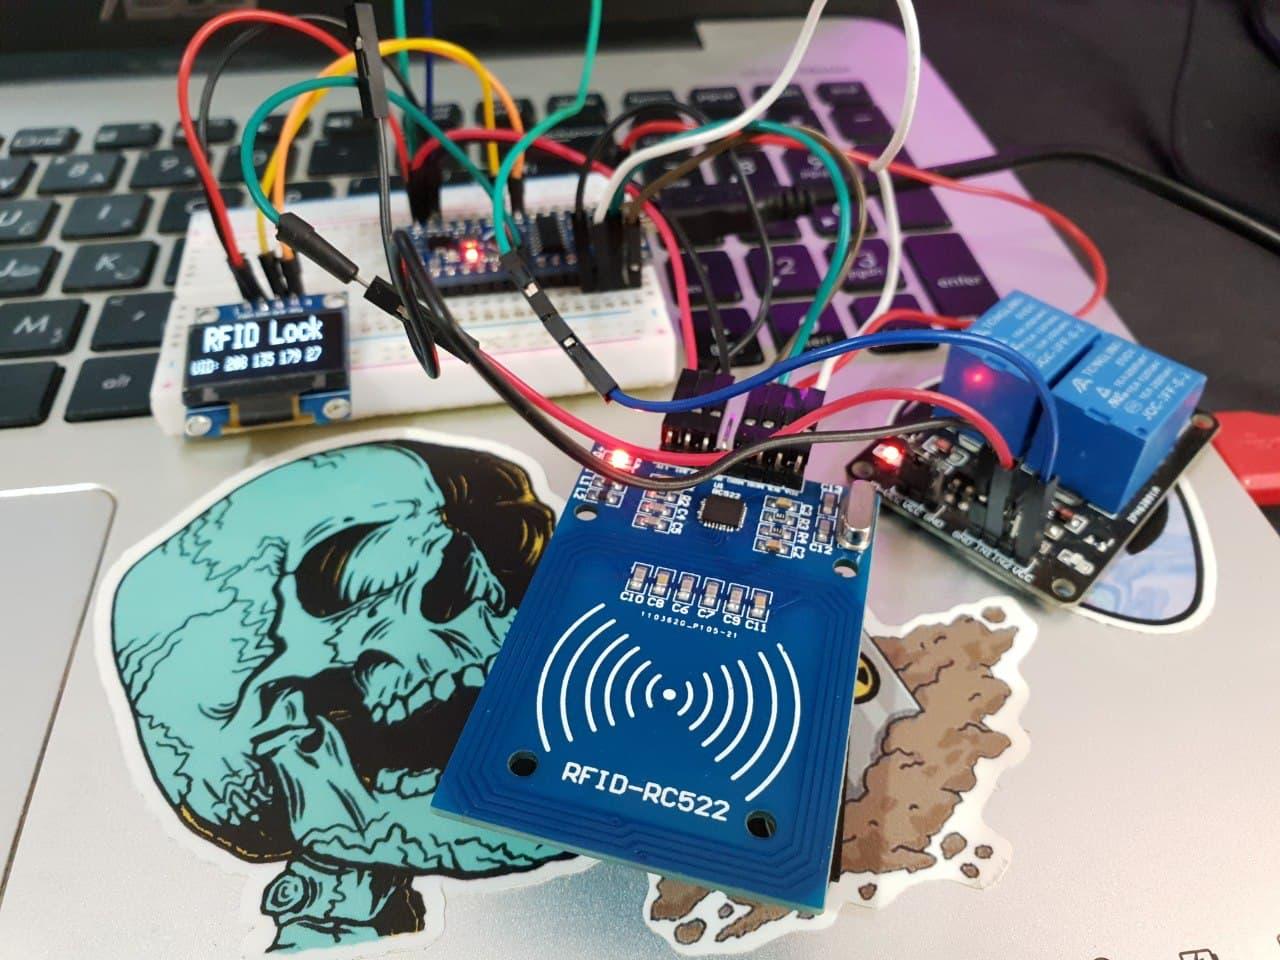 پروژه سیستم RFID هوشمند با ماژول کارت خوان RC522 و آردوینو - دیجی اسپارک